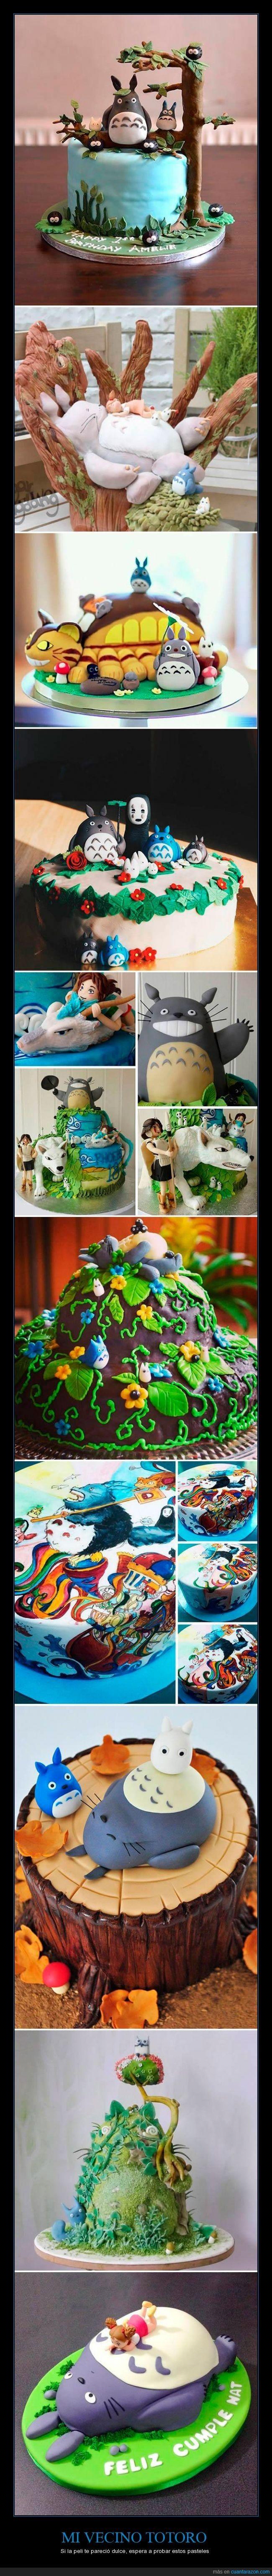 MI VECINO TOTORO - Si la peli te pareció dulce, espera a probar estos pasteles